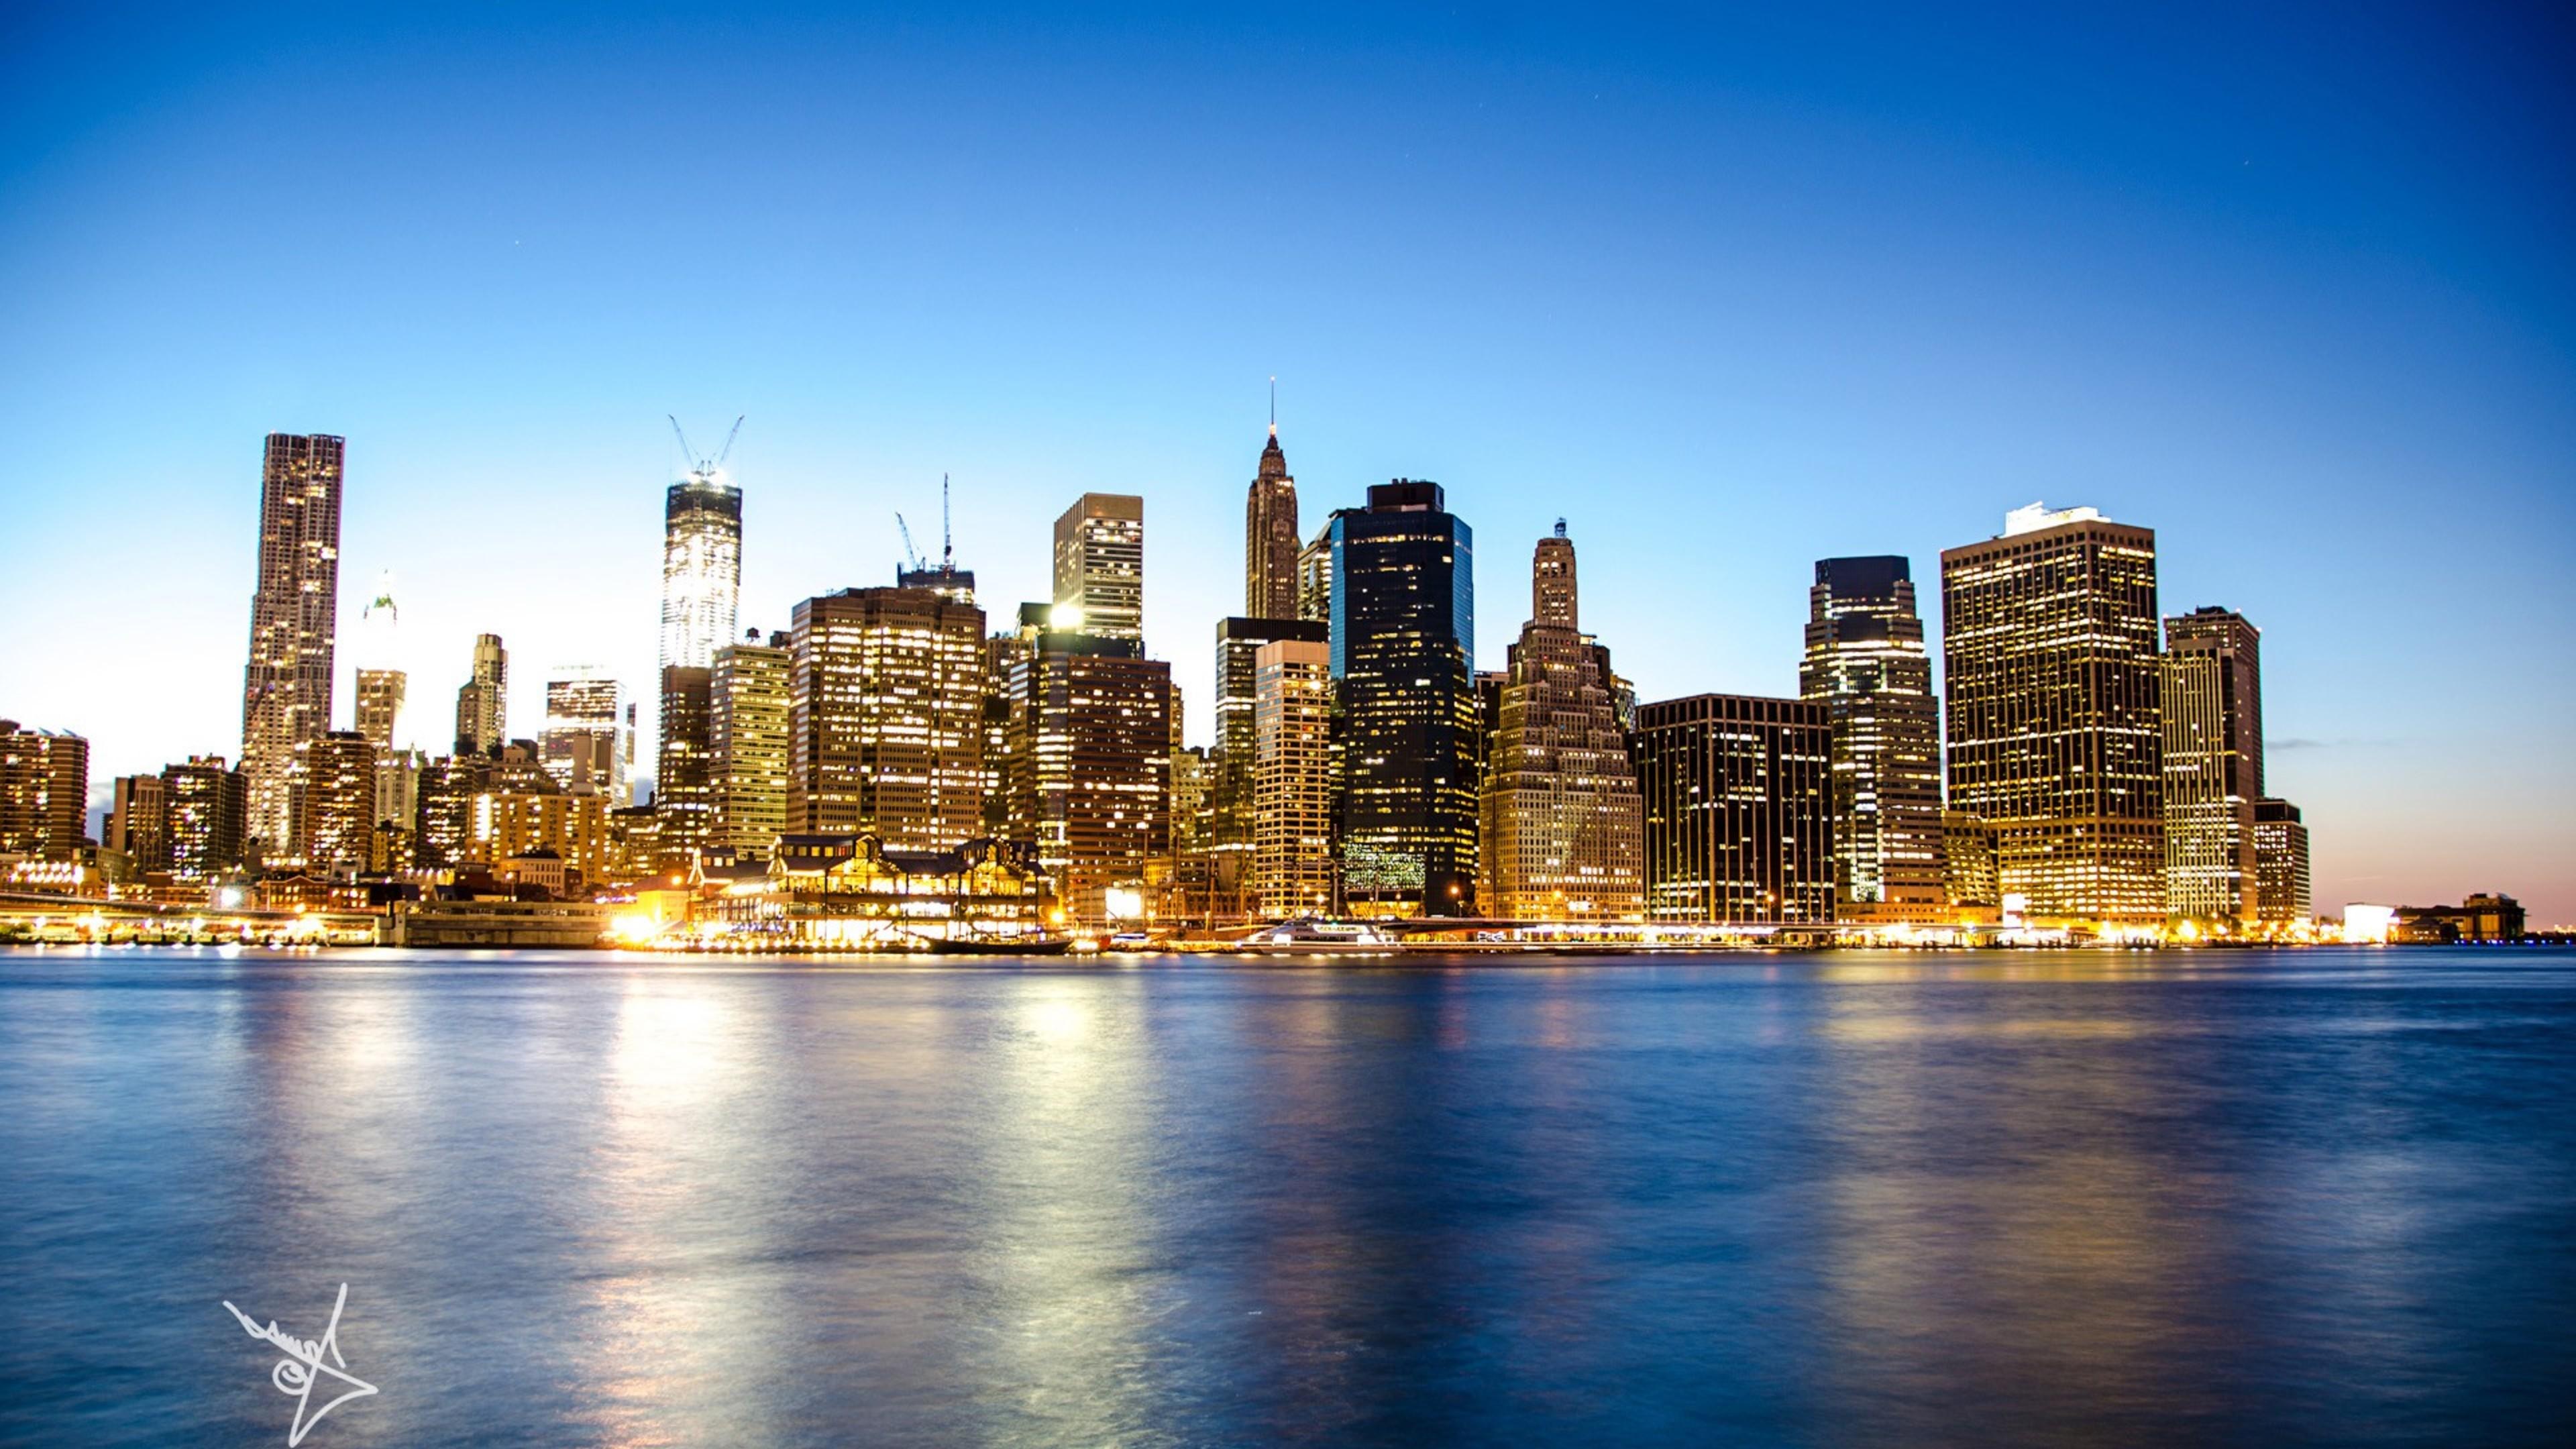 manhattan skyline 1538069010 - Manhattan Skyline - world wallpapers, skyline wallpapers, manhattan wallpapers